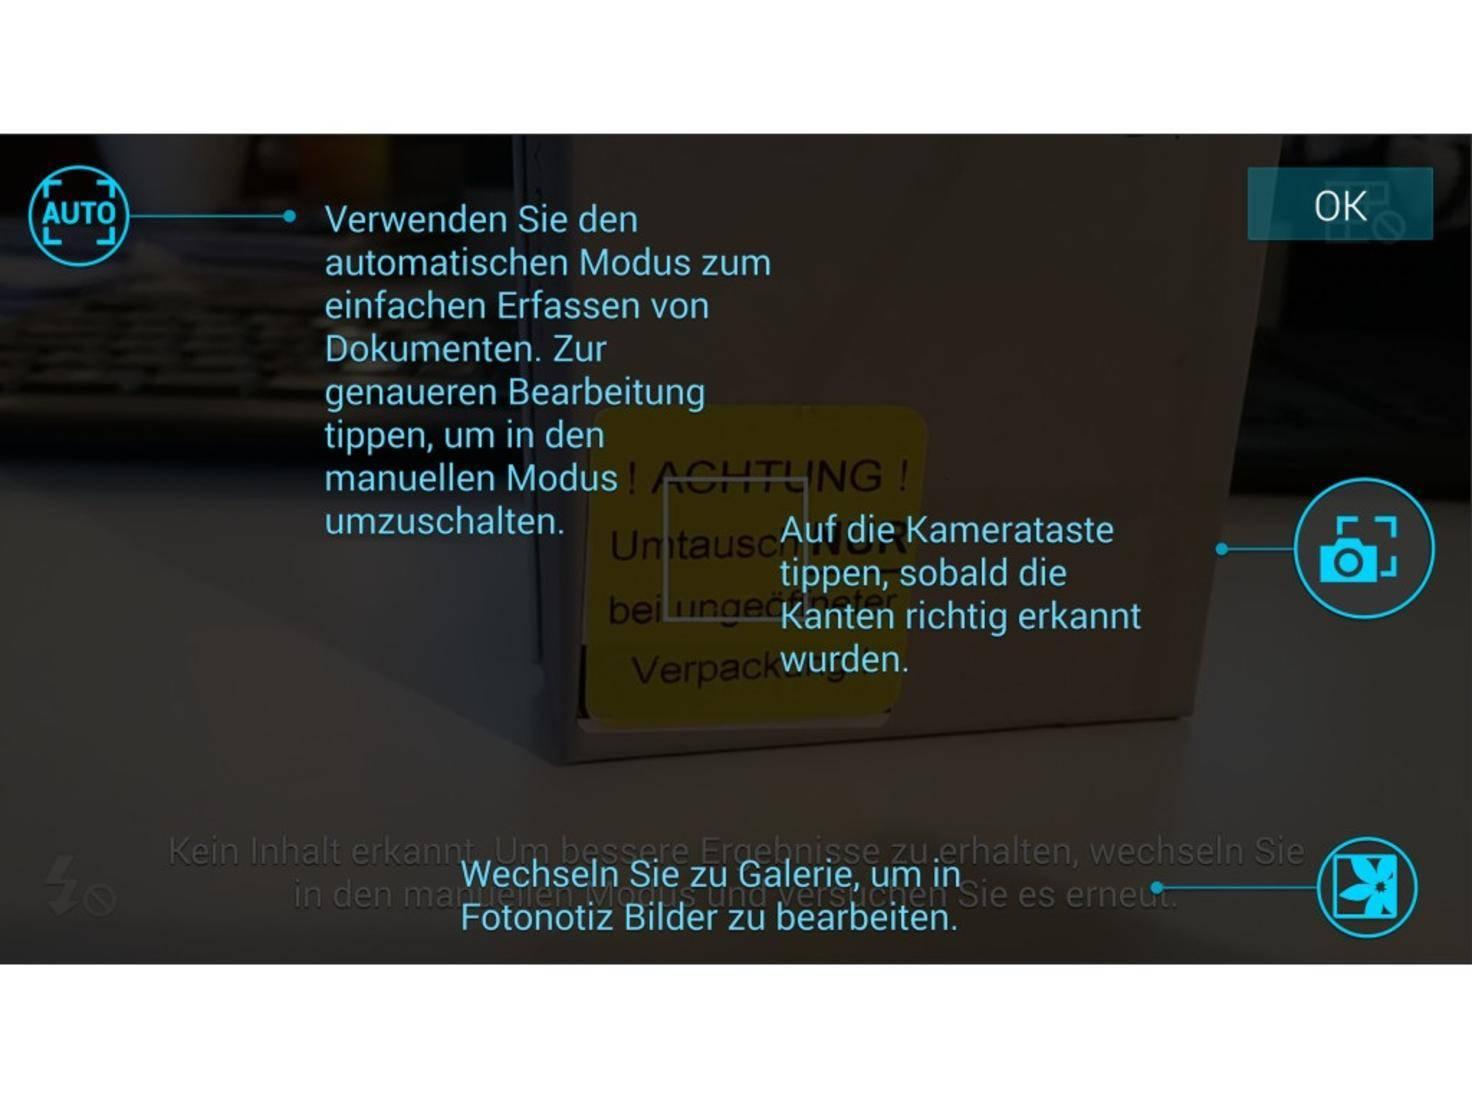 Das Galaxy Note 4 hilft beim Anfertigen der Fotonotiz.